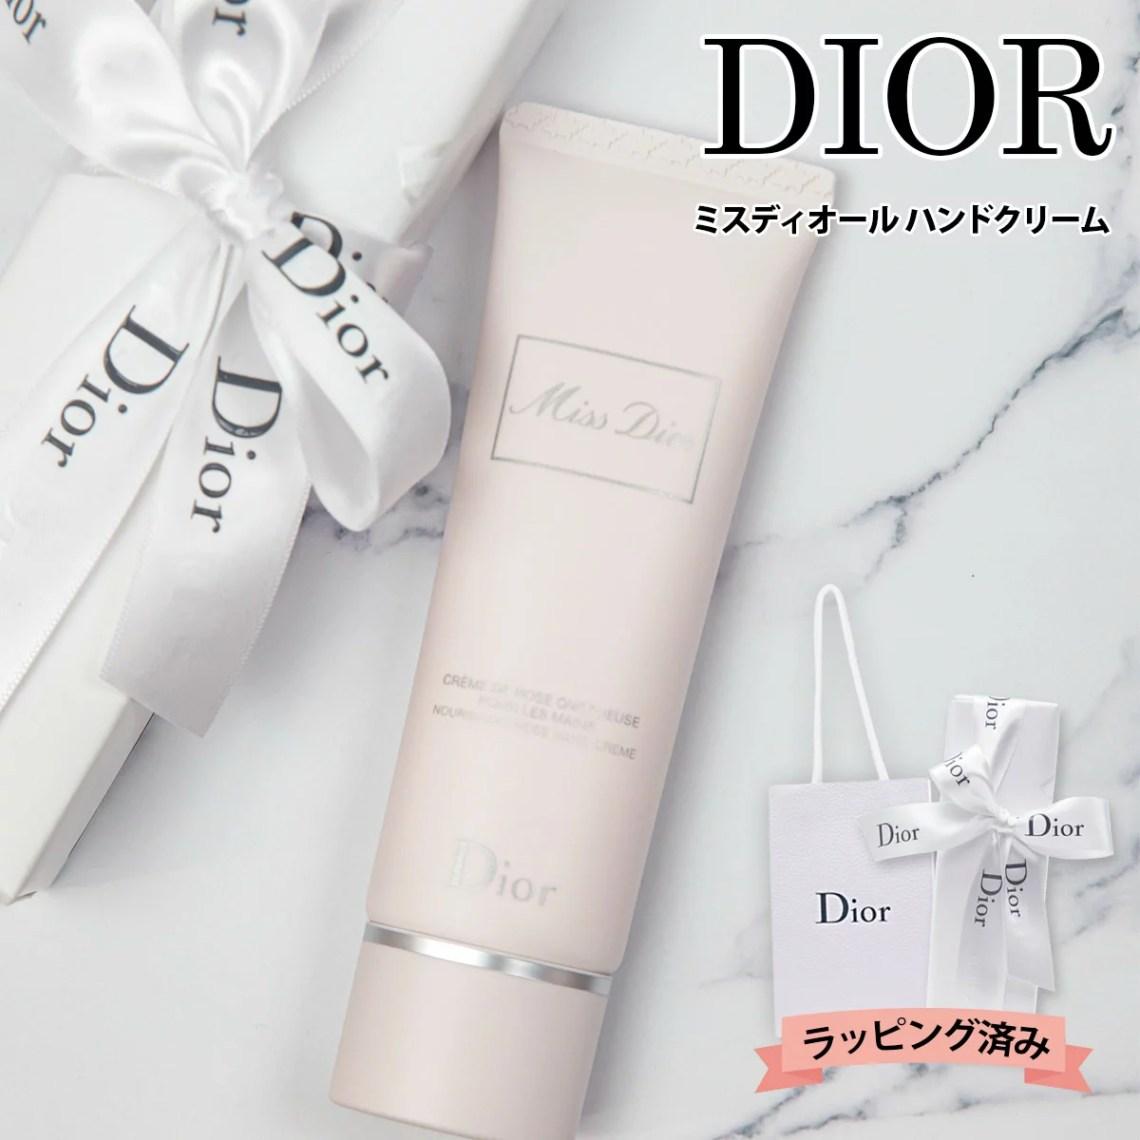 【正規紙袋 無料】 ディオール ハンドクリーム Dior ミス ディオール ハンド クリーム 50m